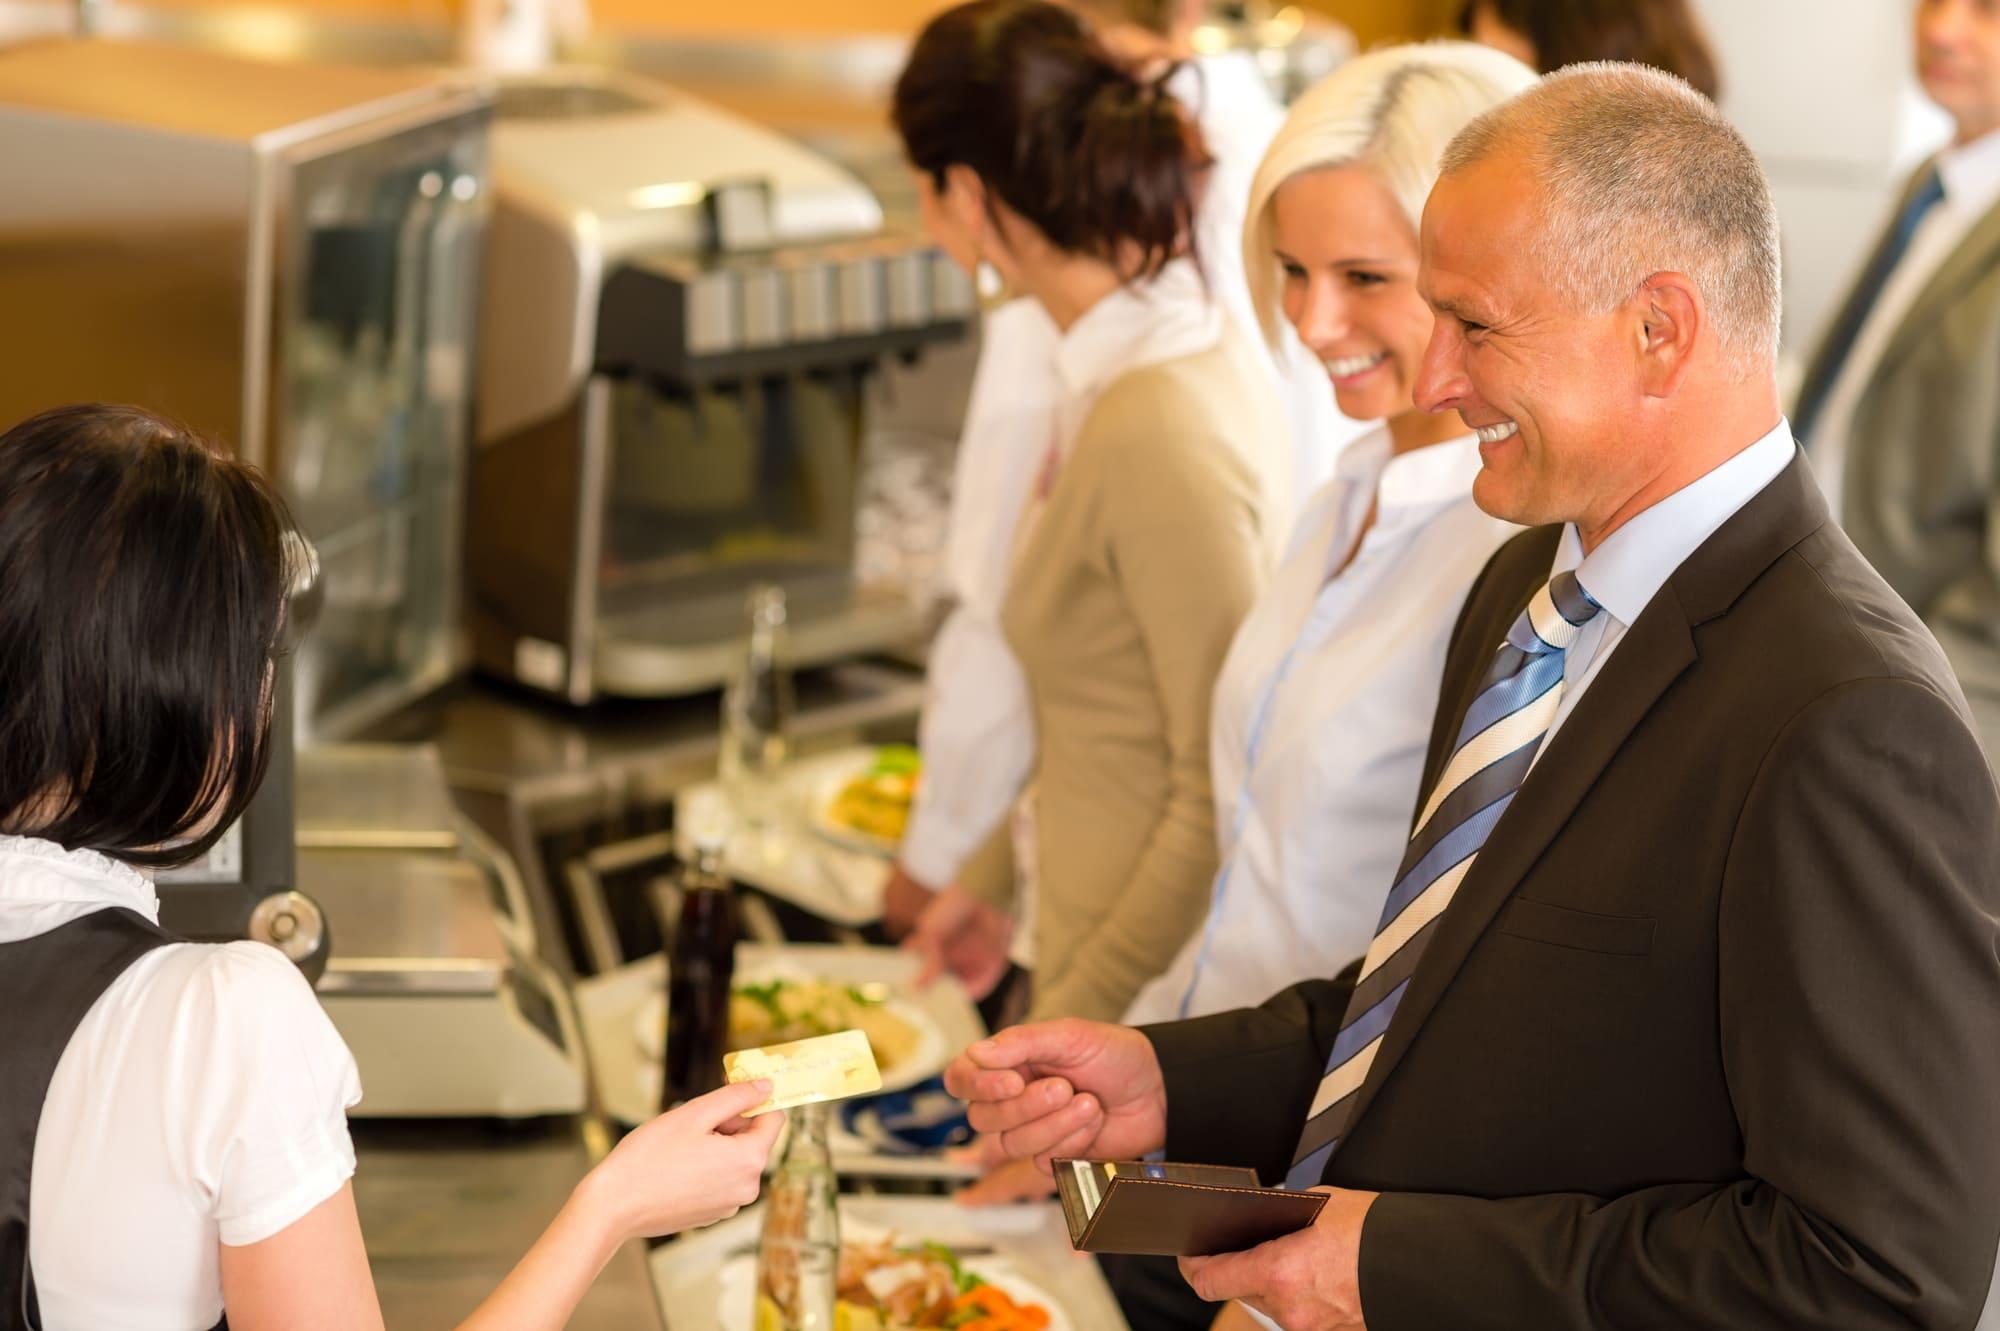 個人事業主が事業用・個人用でクレジットカードを使い分けるメリットを詳しく解説!